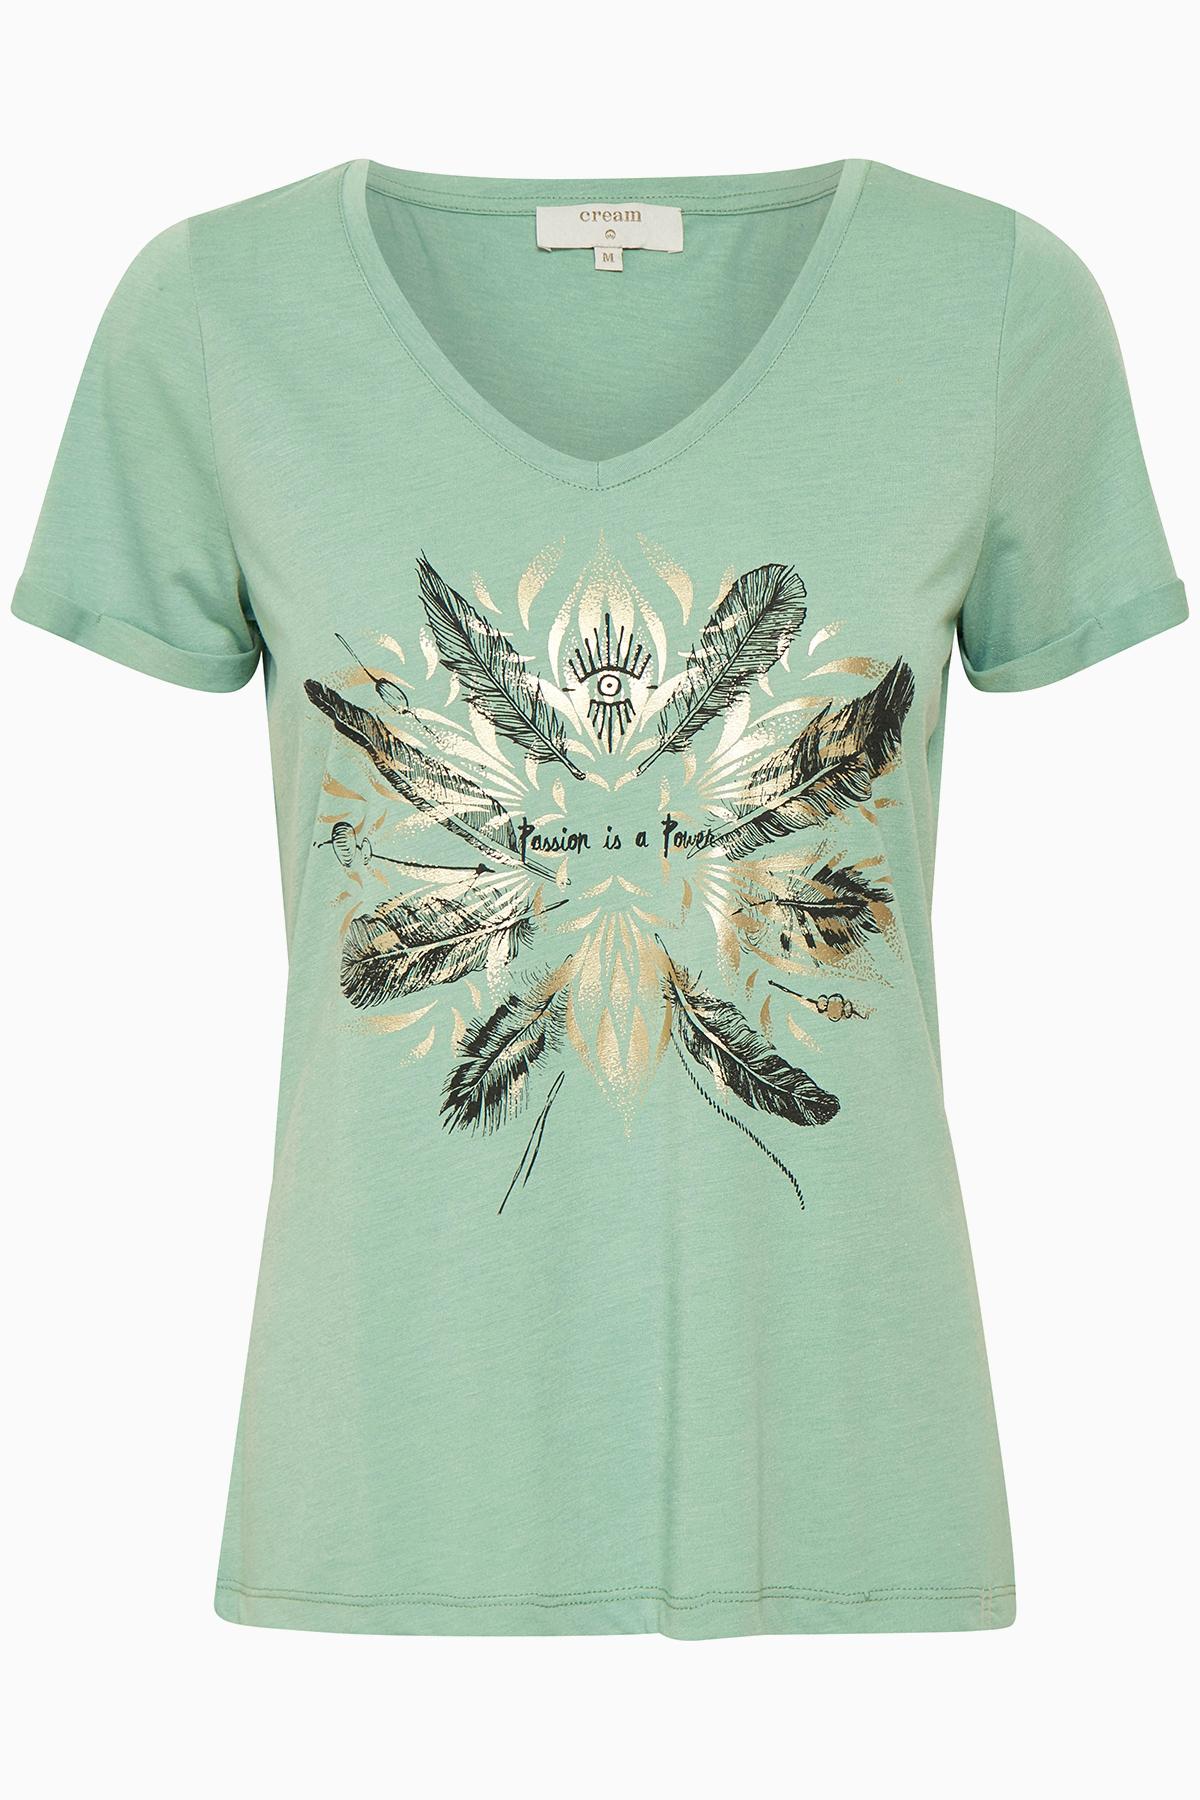 Image of Cream Dame Enkel Heather T-shirt - Støvet grøn